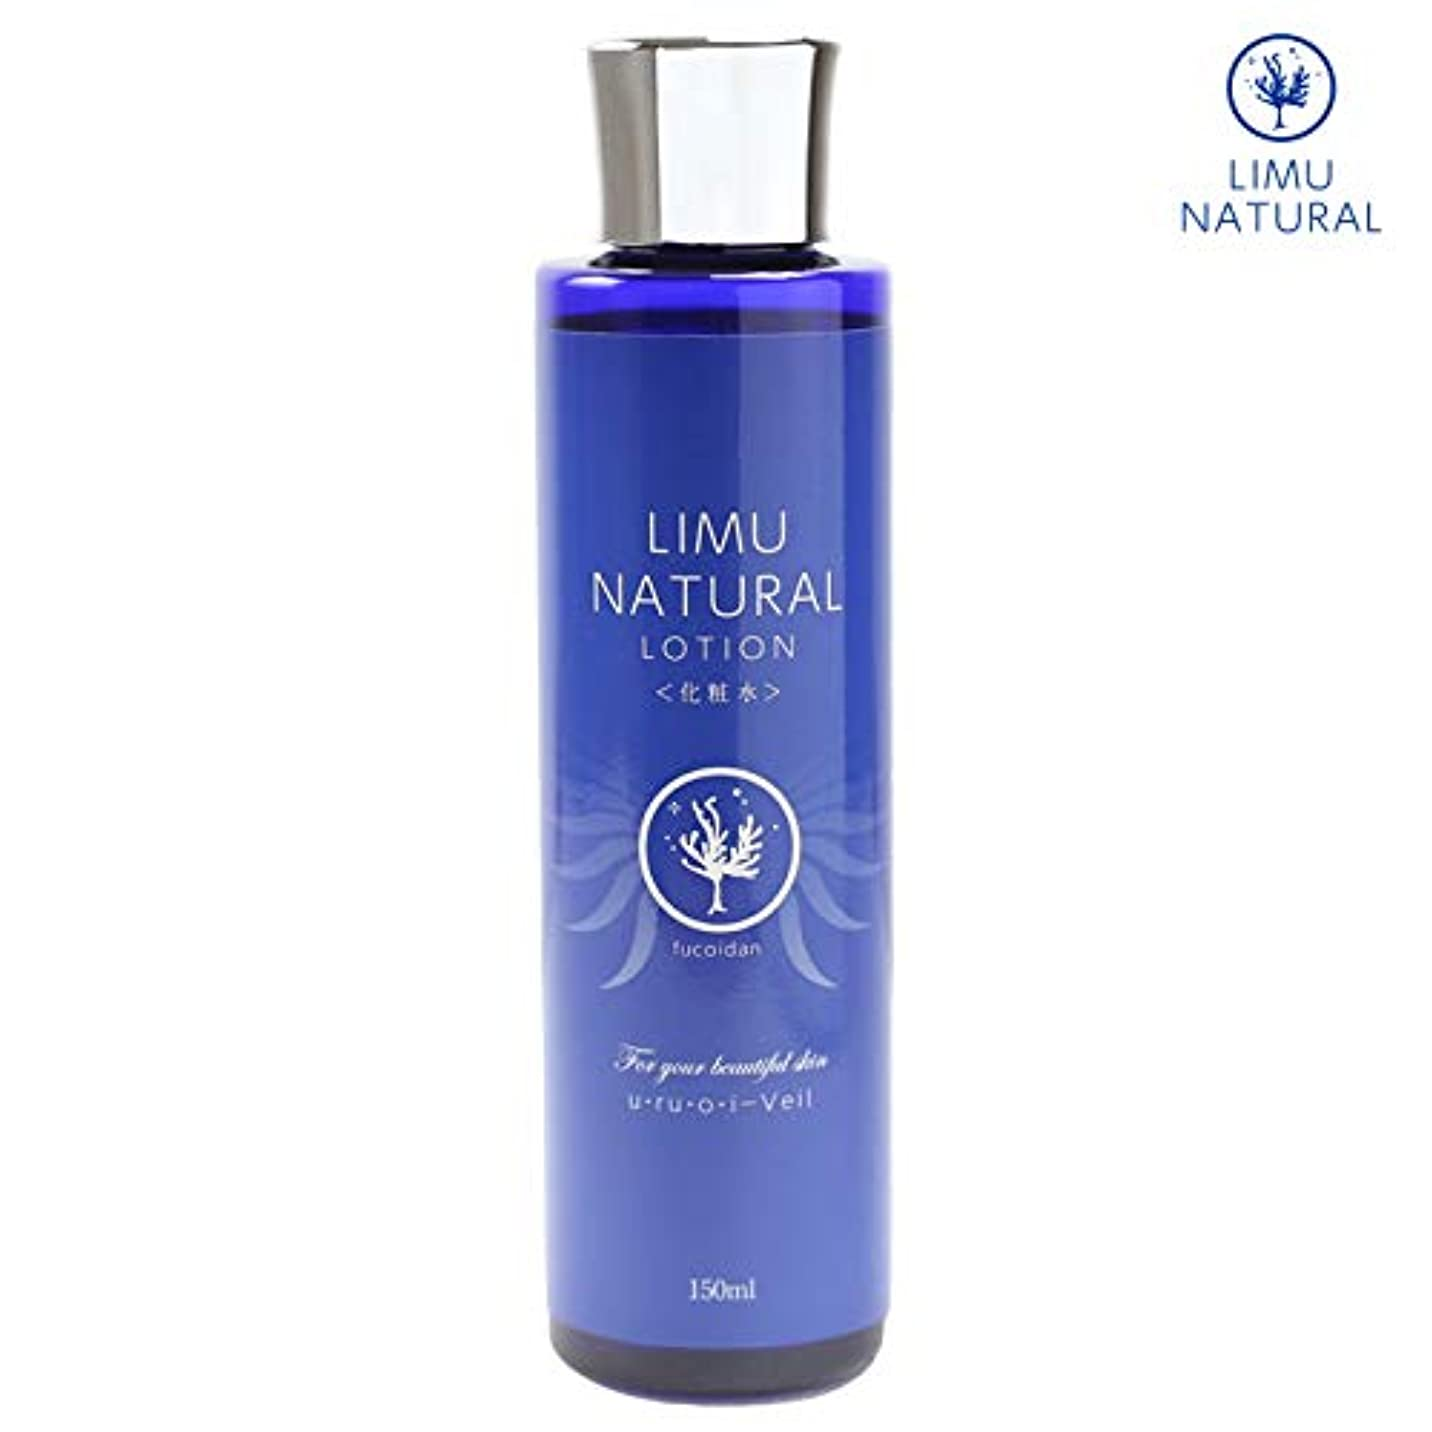 みなさん出席チロリムナチュラル 化粧水 LIMU NATURAL LOTION (150ml) 海の恵「フコイダン」と大地の恵「グリセリルグルコシド」を贅沢に配合